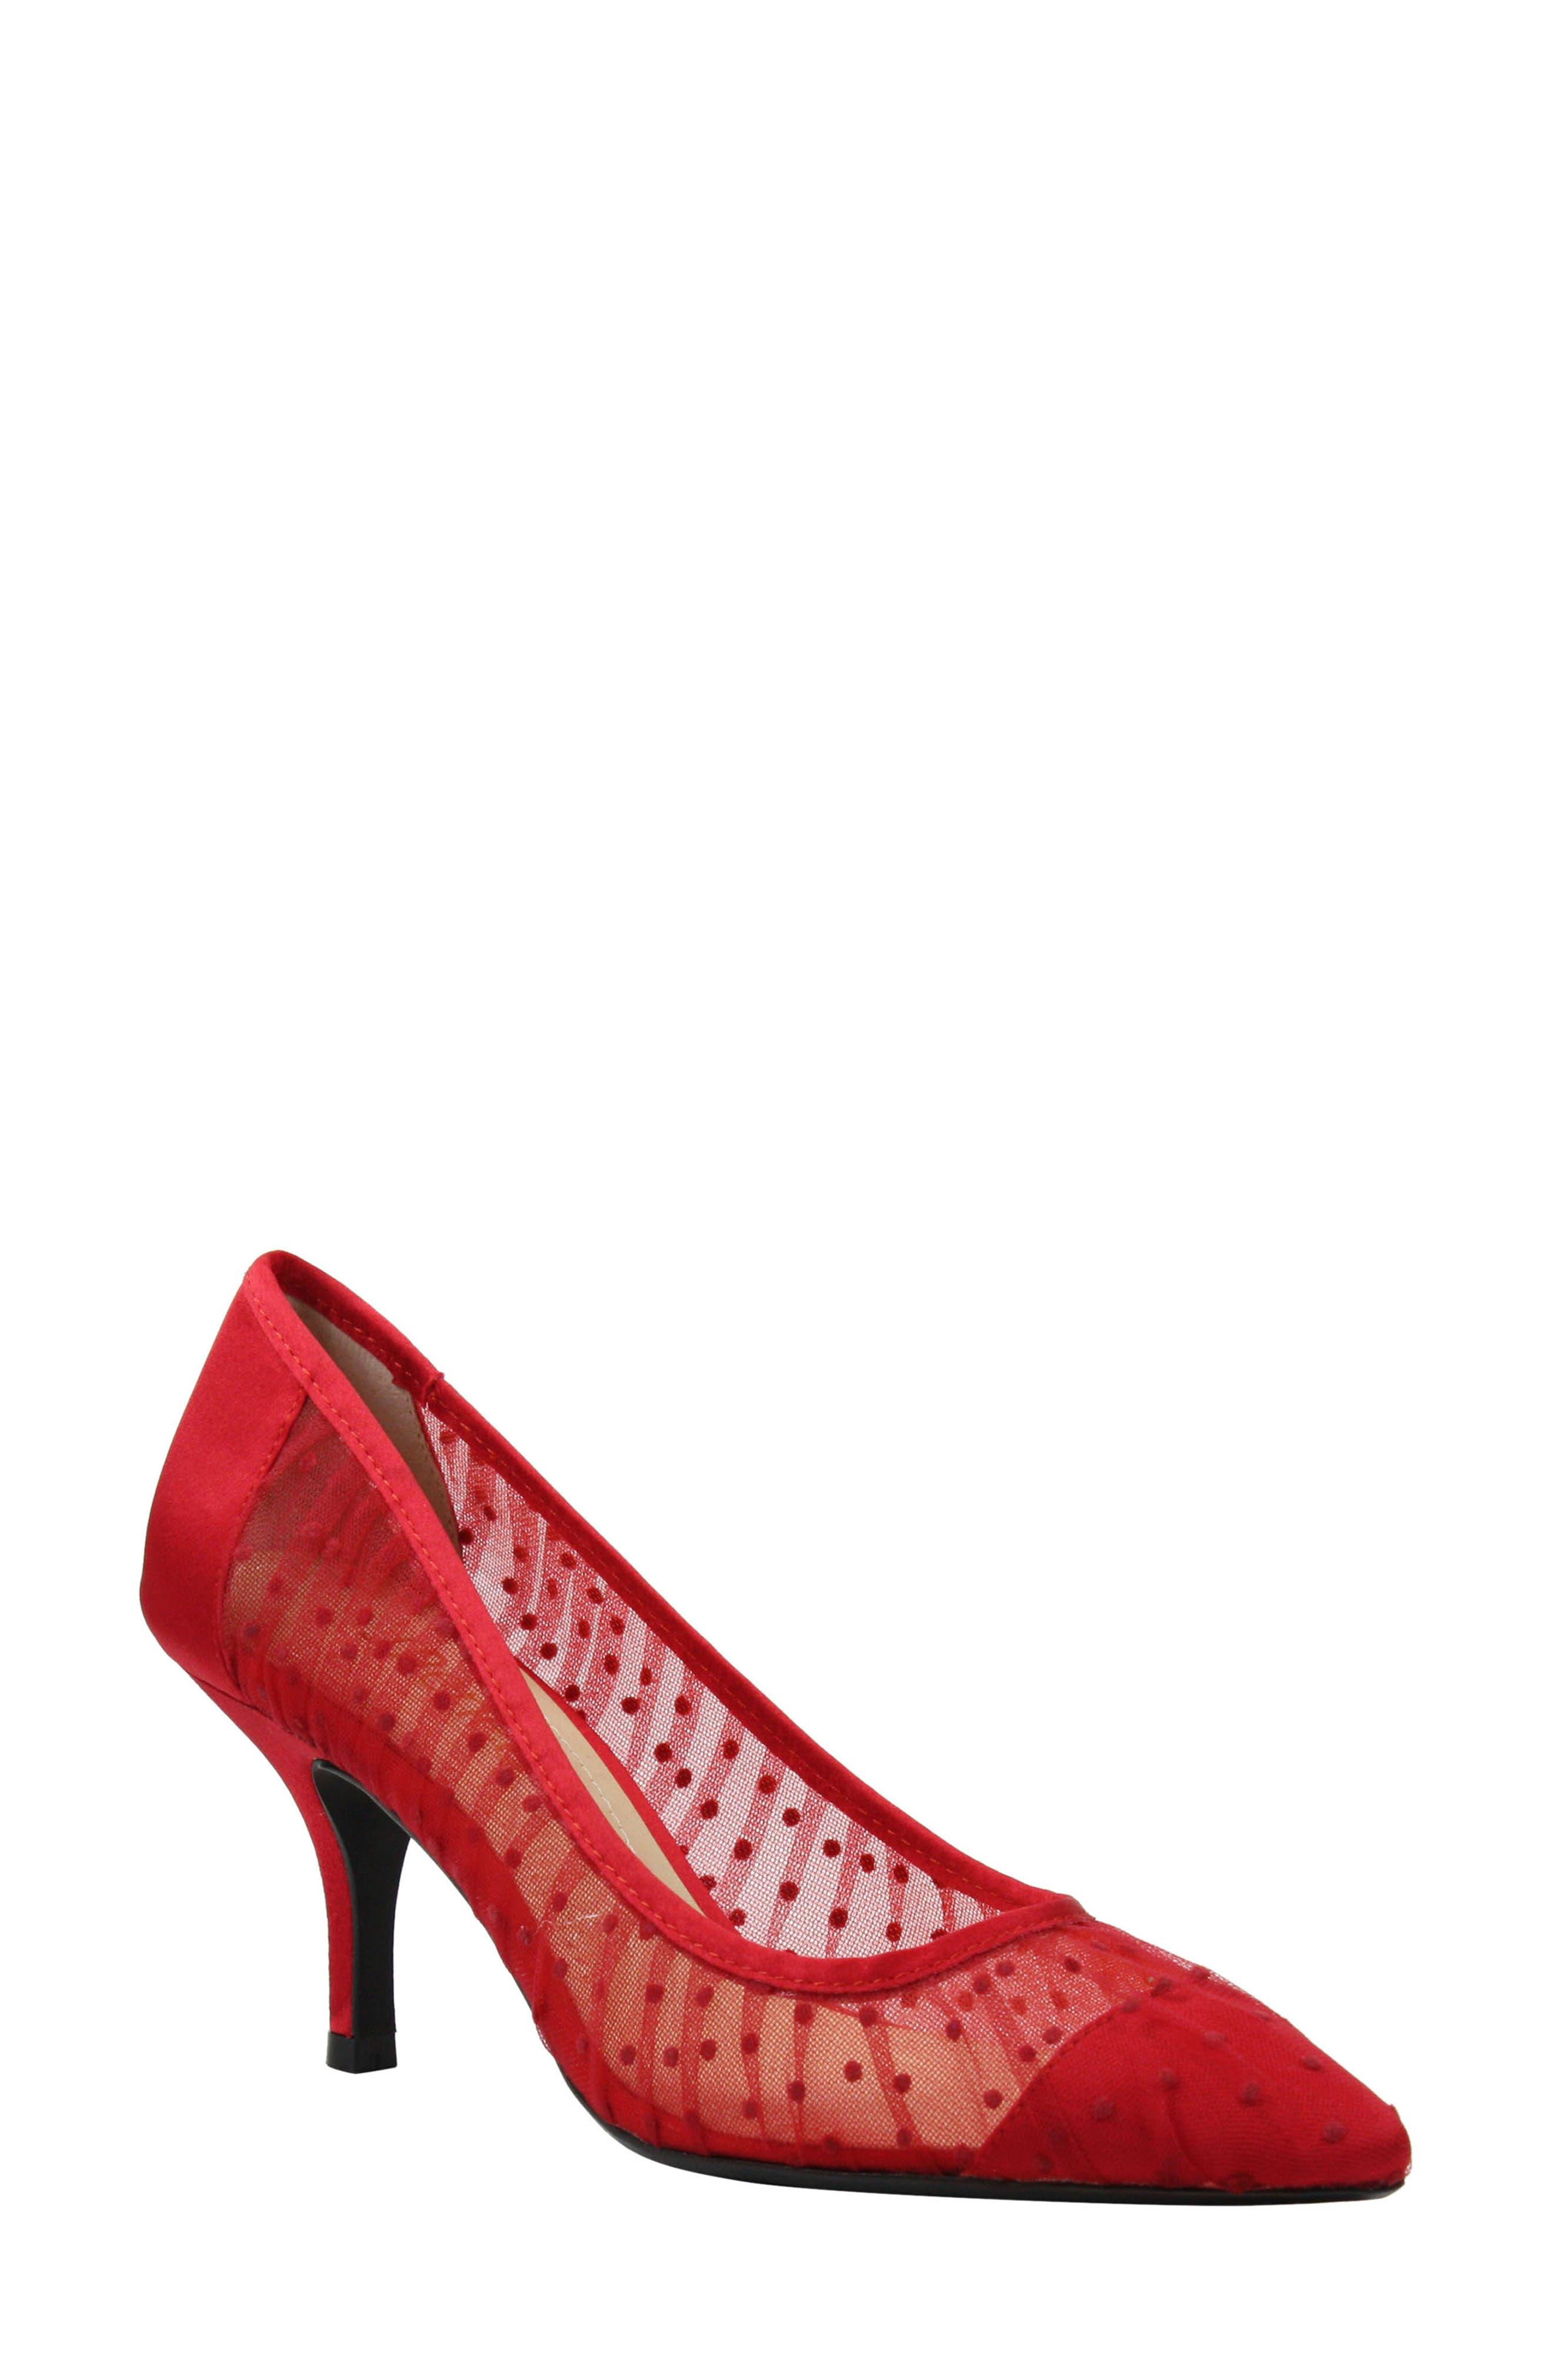 J. Renee Ellian Pump, Red